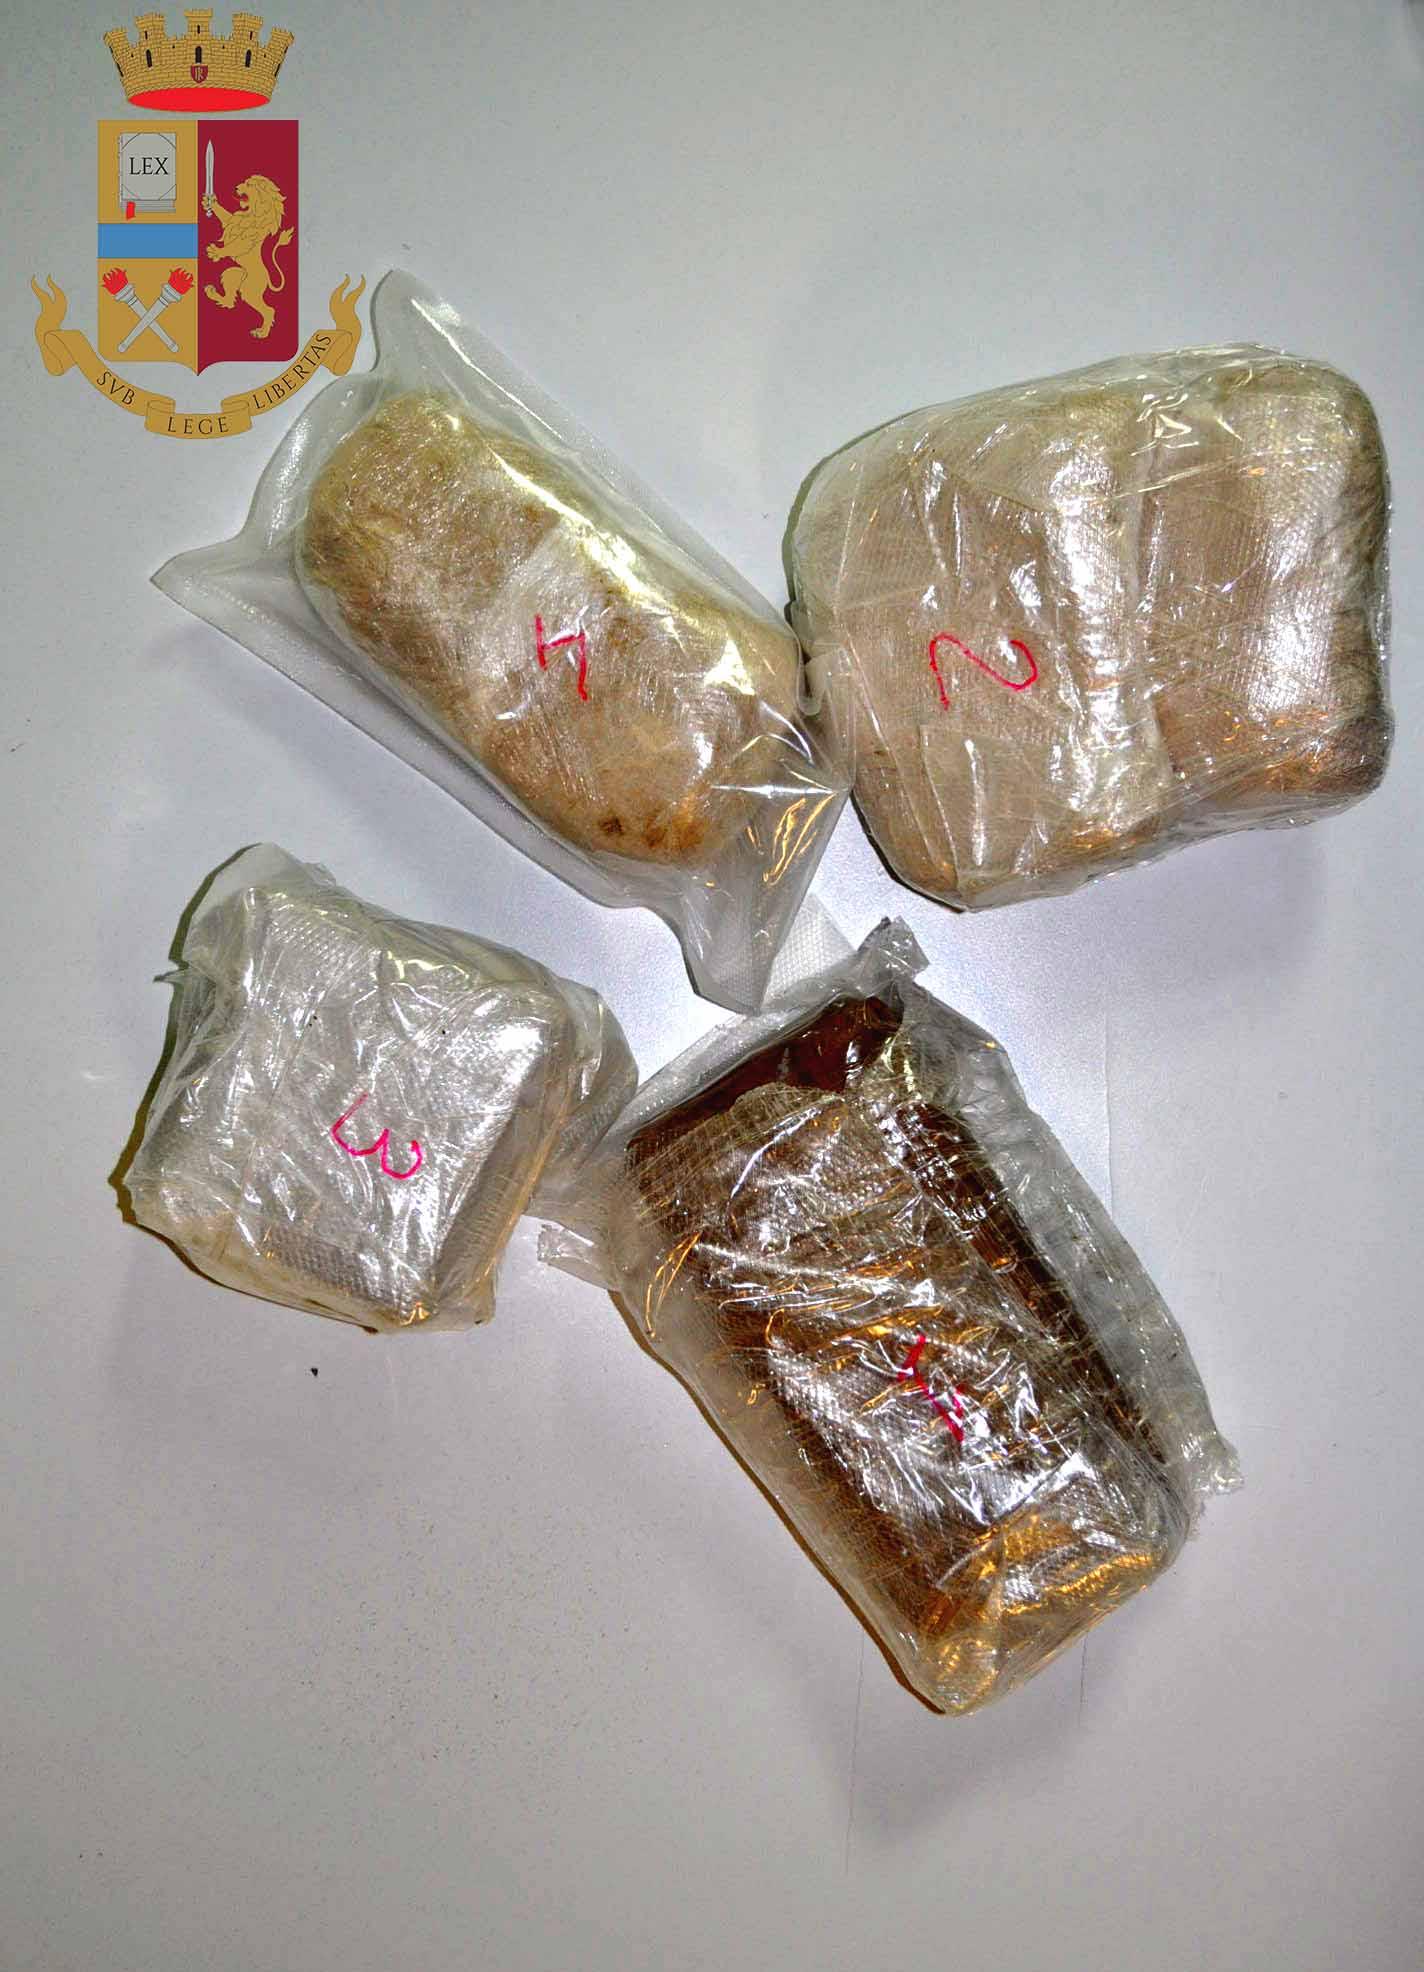 Servizi antidroga. Polizia di Stato arresta spacciatore di eroina